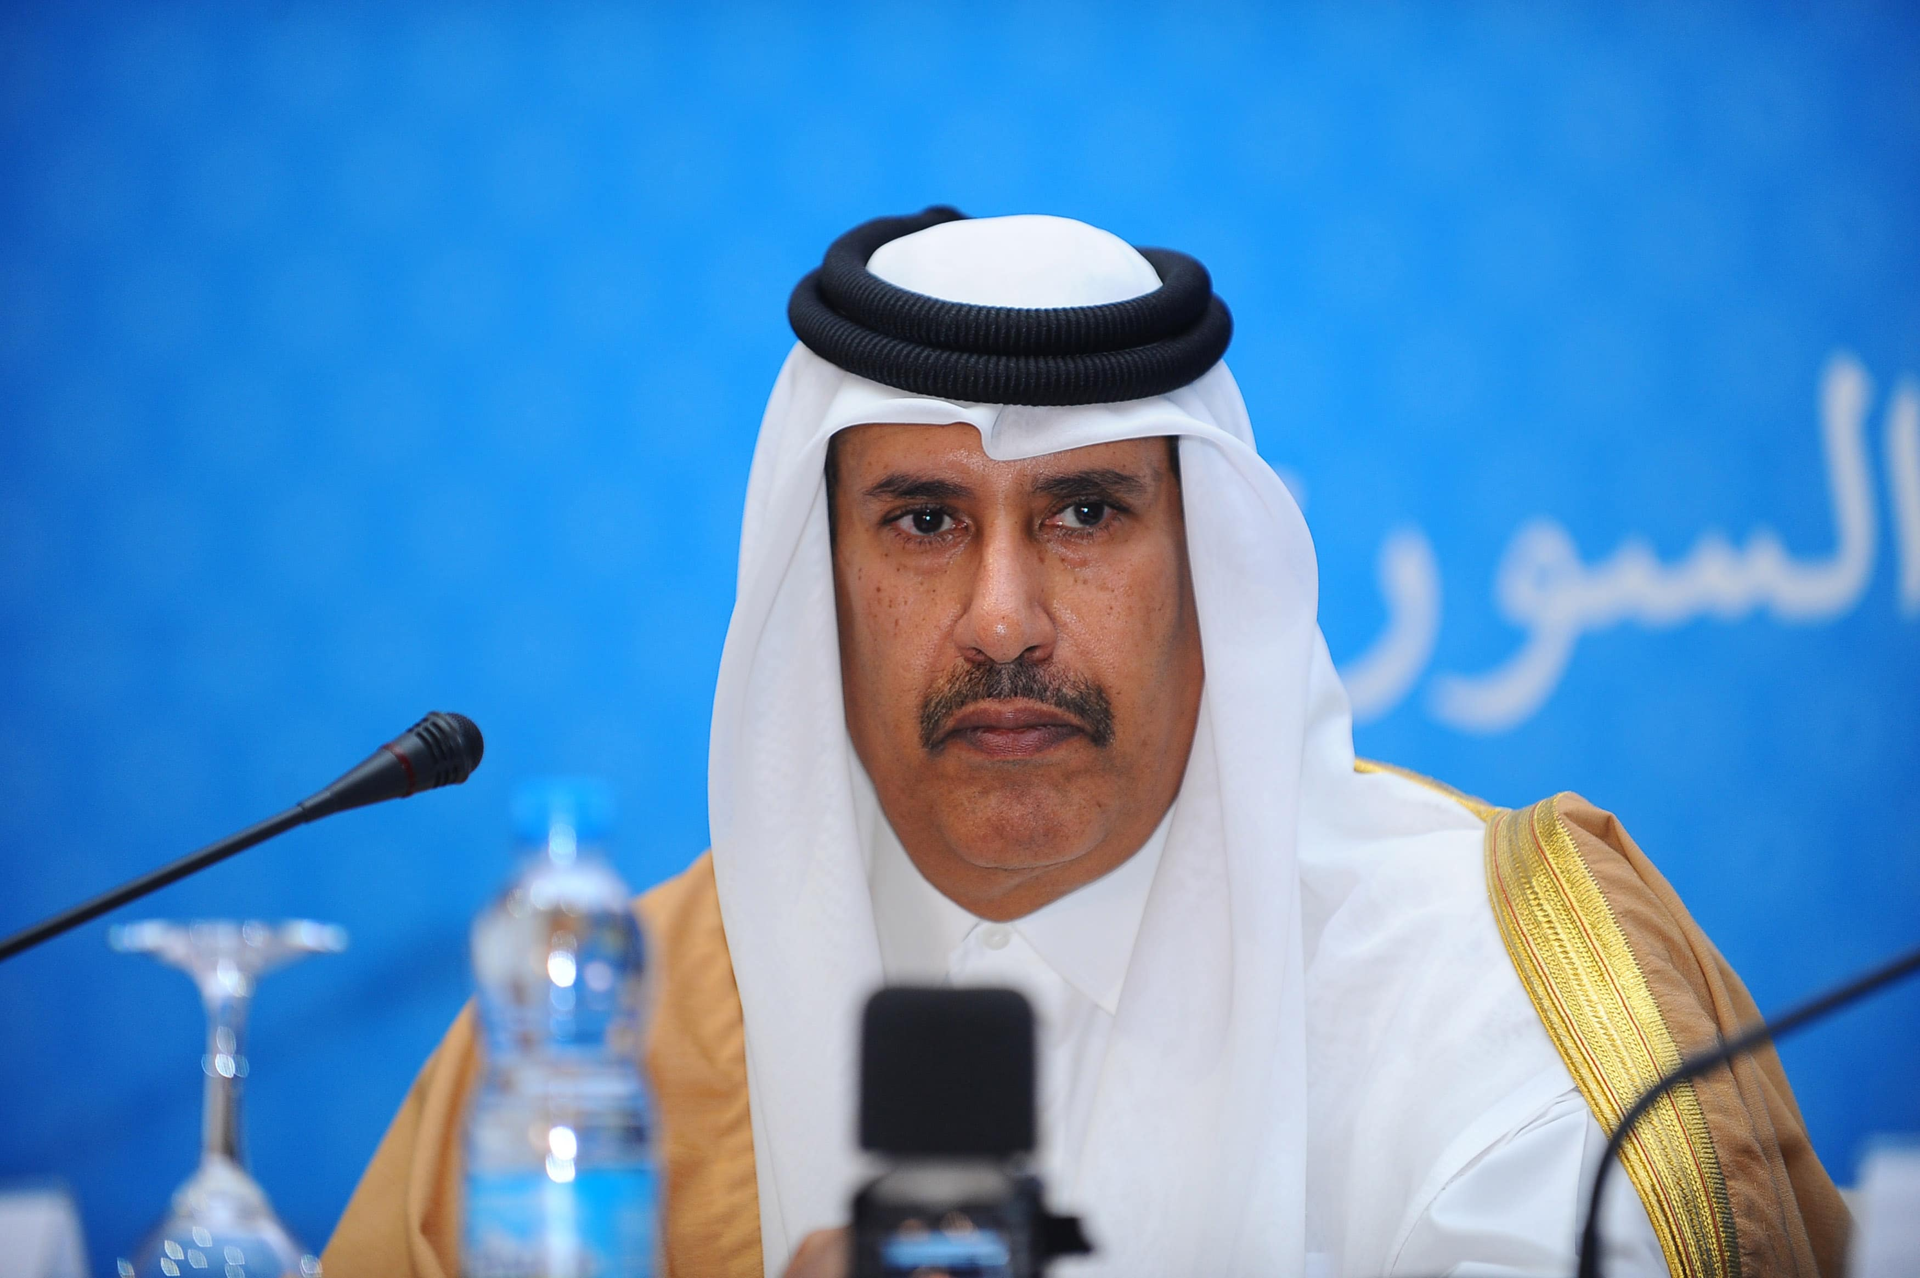 """حمد بن جاسم يحذر دول الخليج من """"الكابوس الأكبر"""" ويكشف عن الحل"""